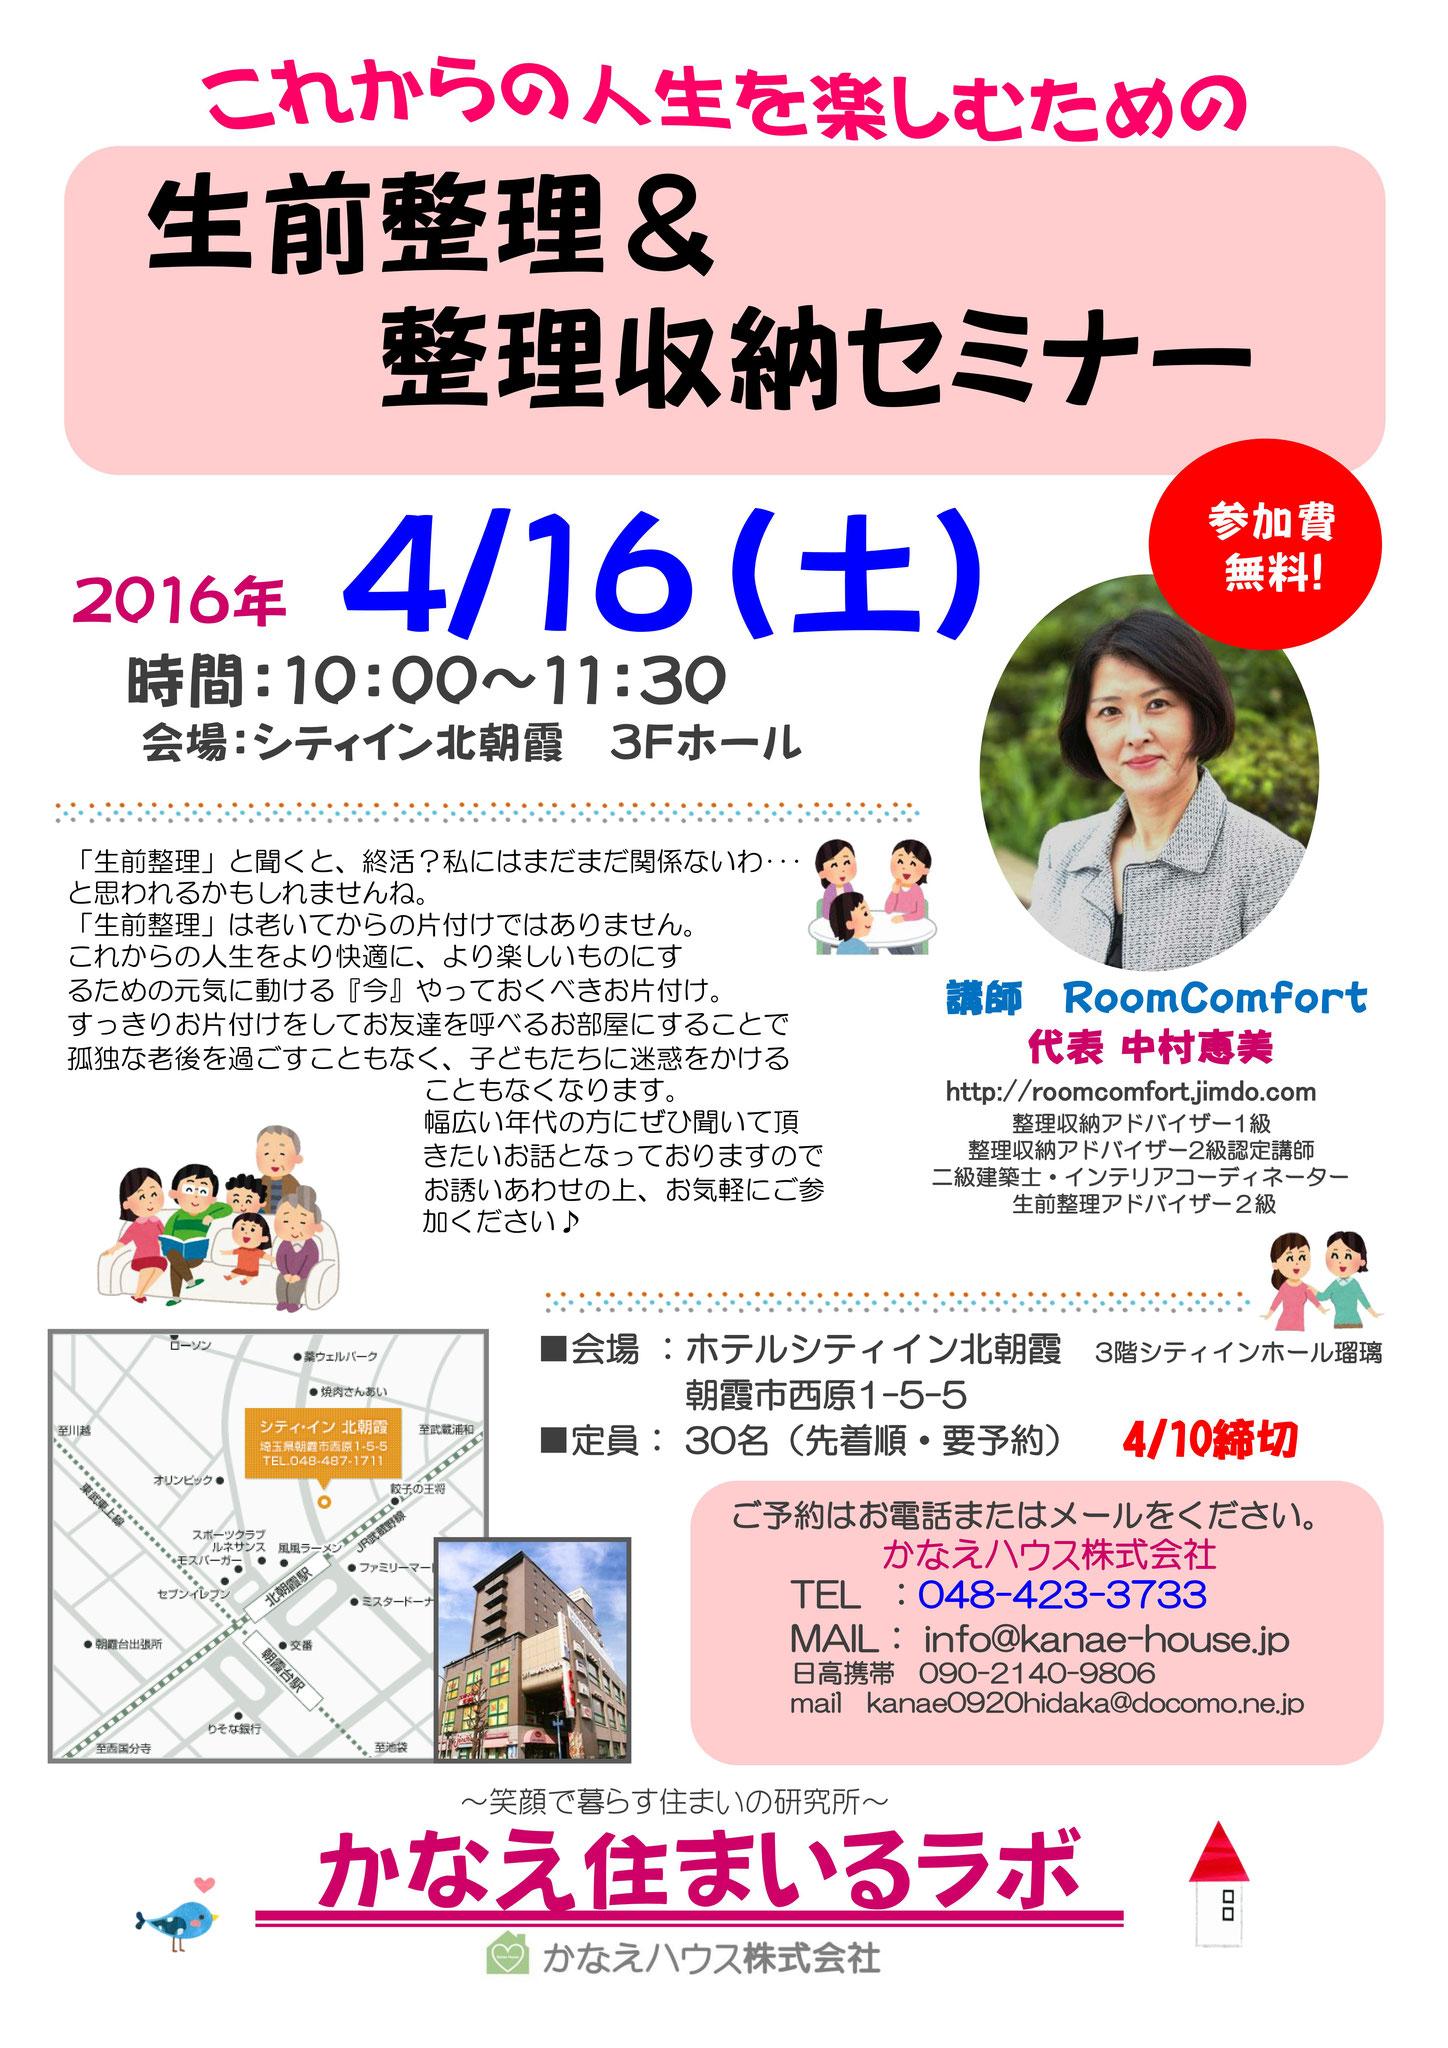 2016年4月 かなえハウス(株) シティイン北朝霞